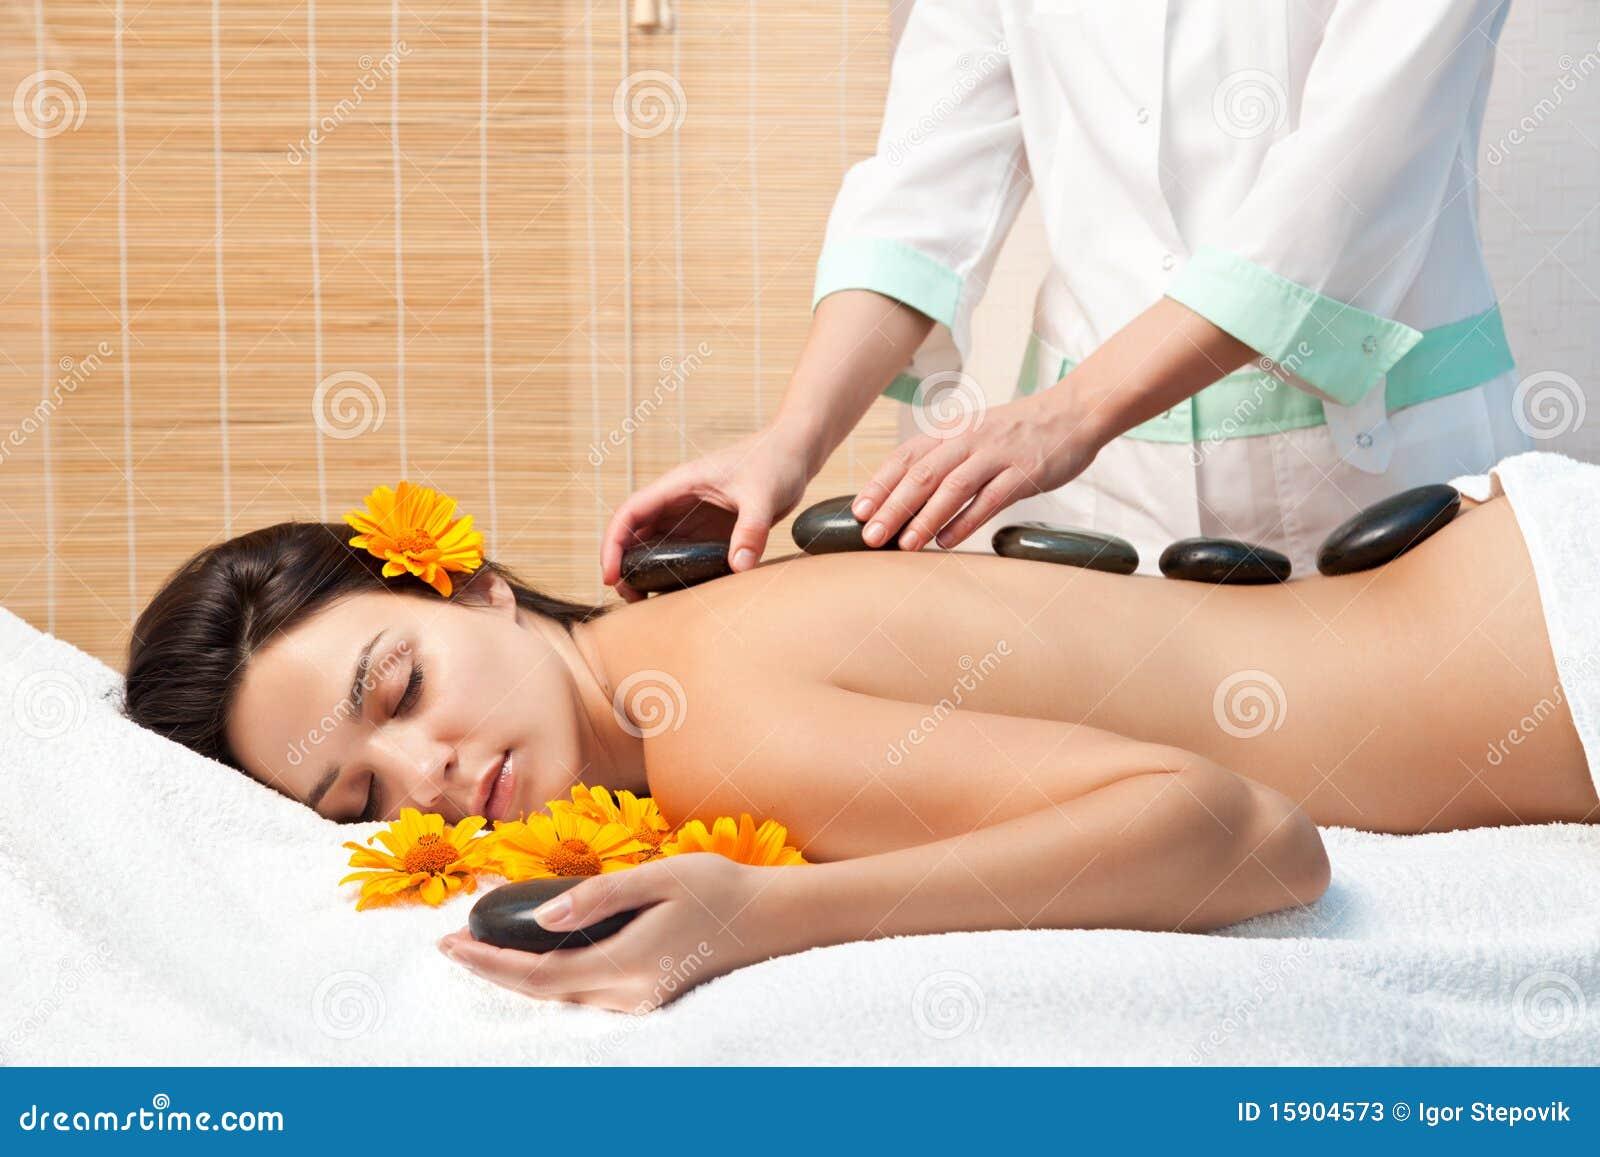 Тайский массаж в купчино 10 фотография